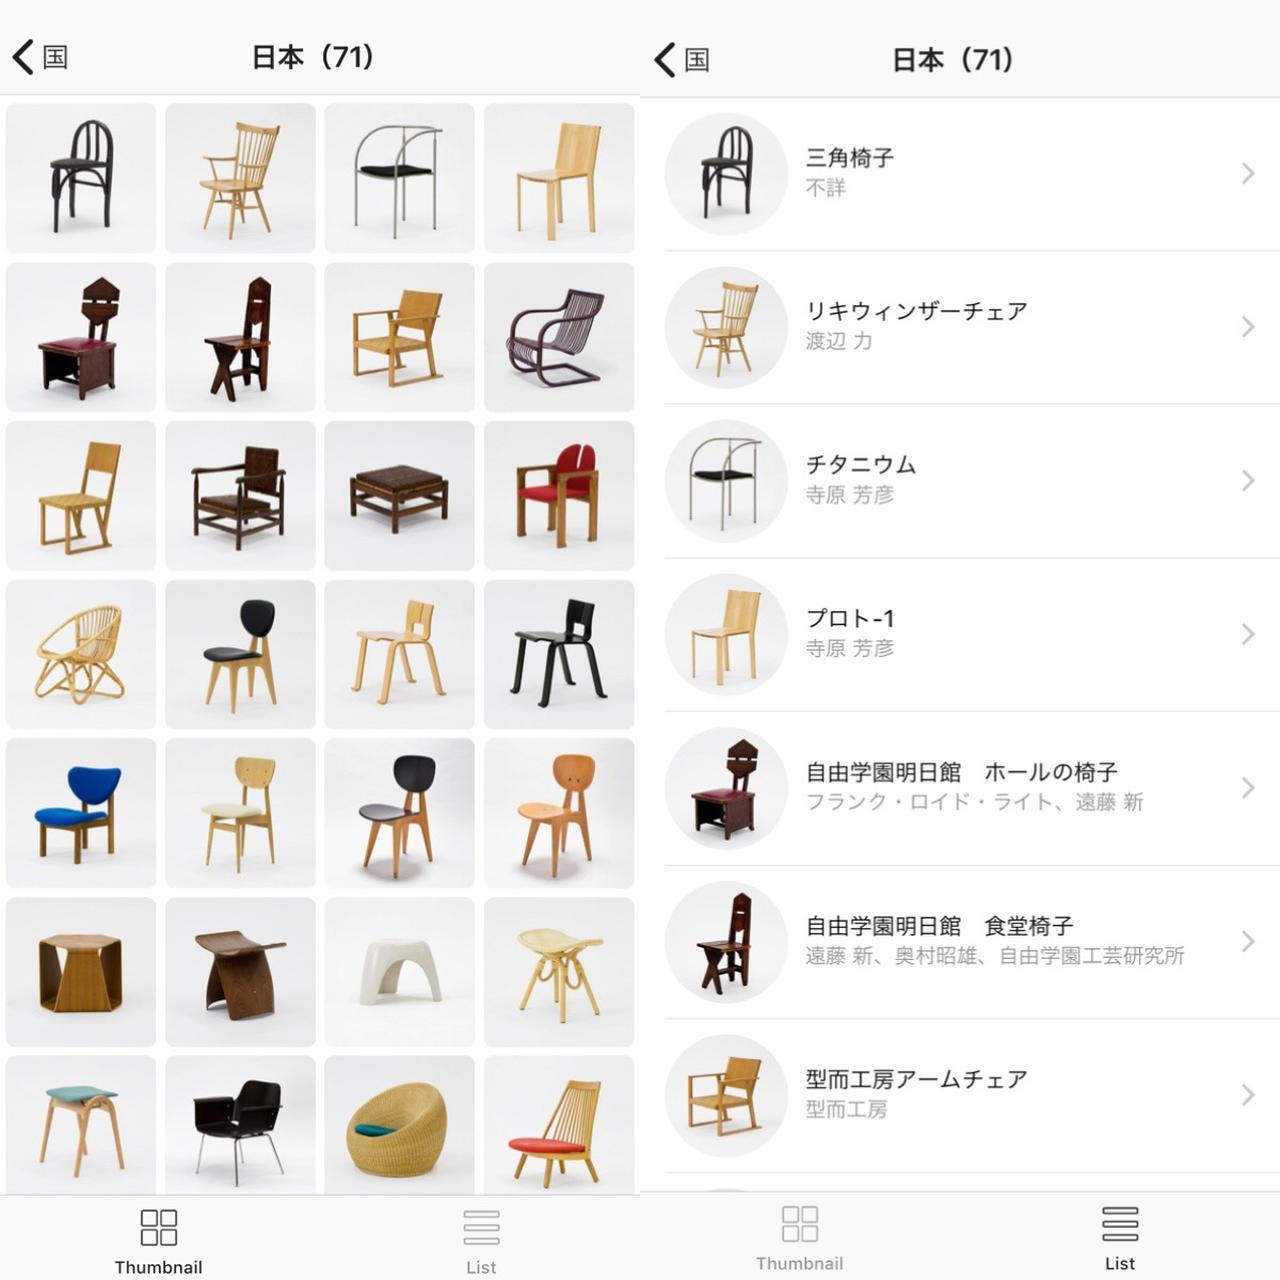 画像2: 世界中色々な場所で作られている椅子。時代も素材も様々で面白い。